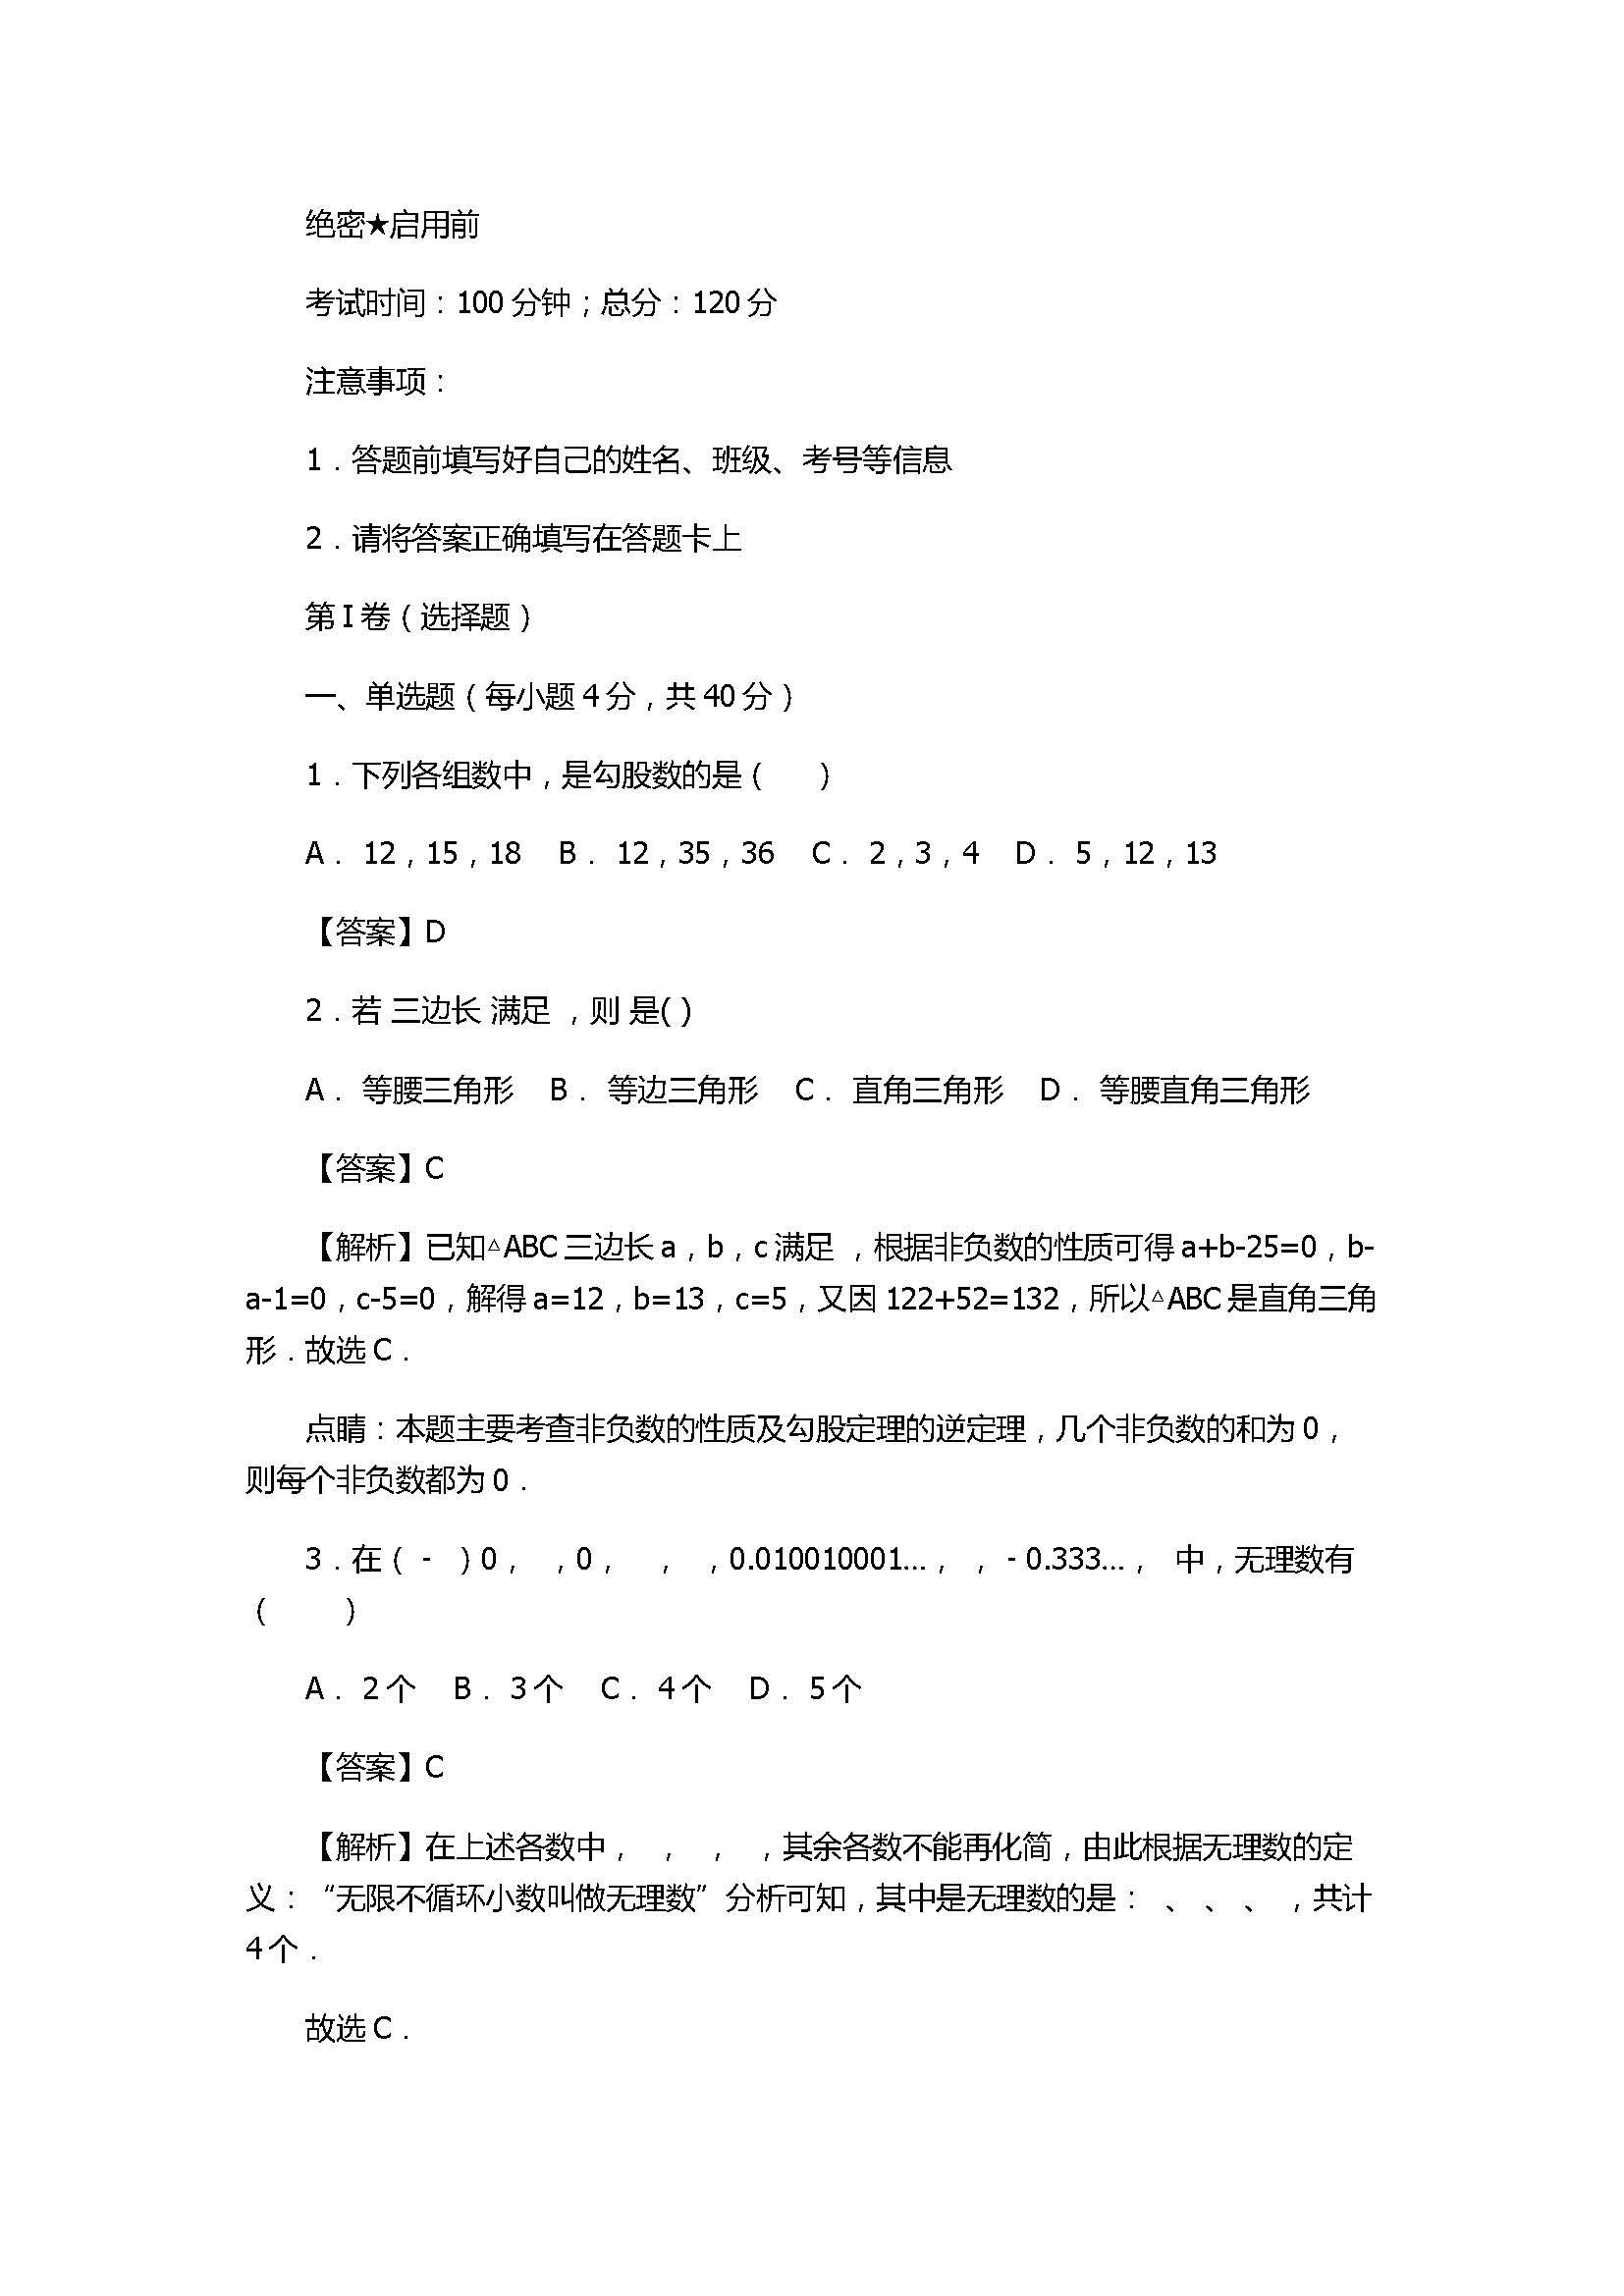 2017初二年级数学上册期末模拟试题附参考答案(北师大版)